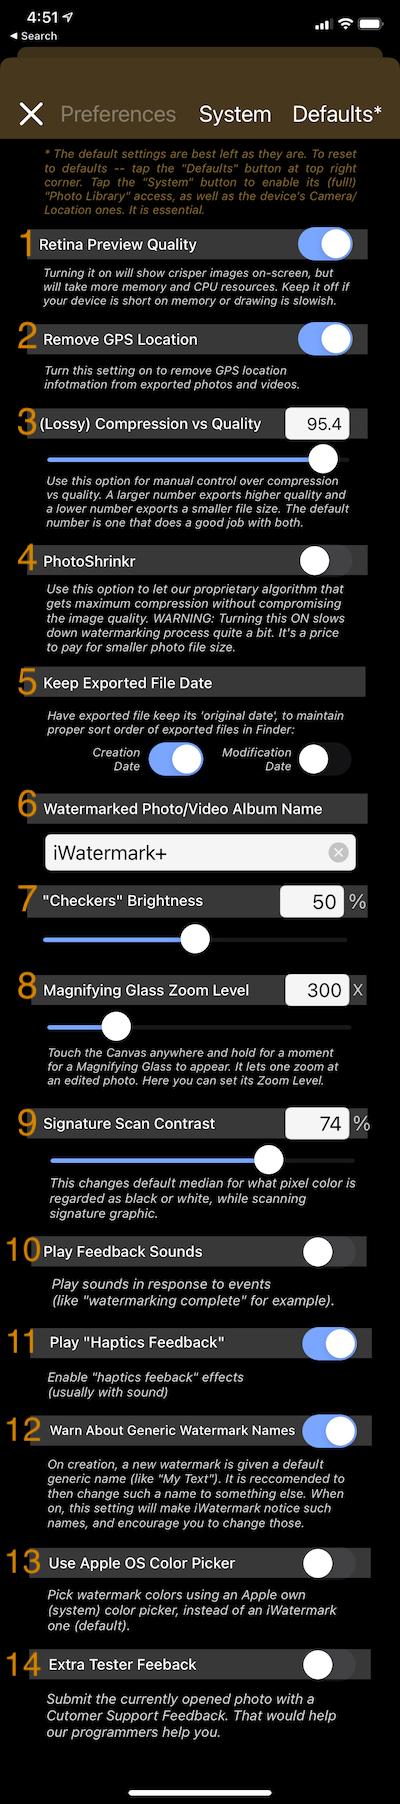 iWatermark+ Help 57 iWatermark+ Help